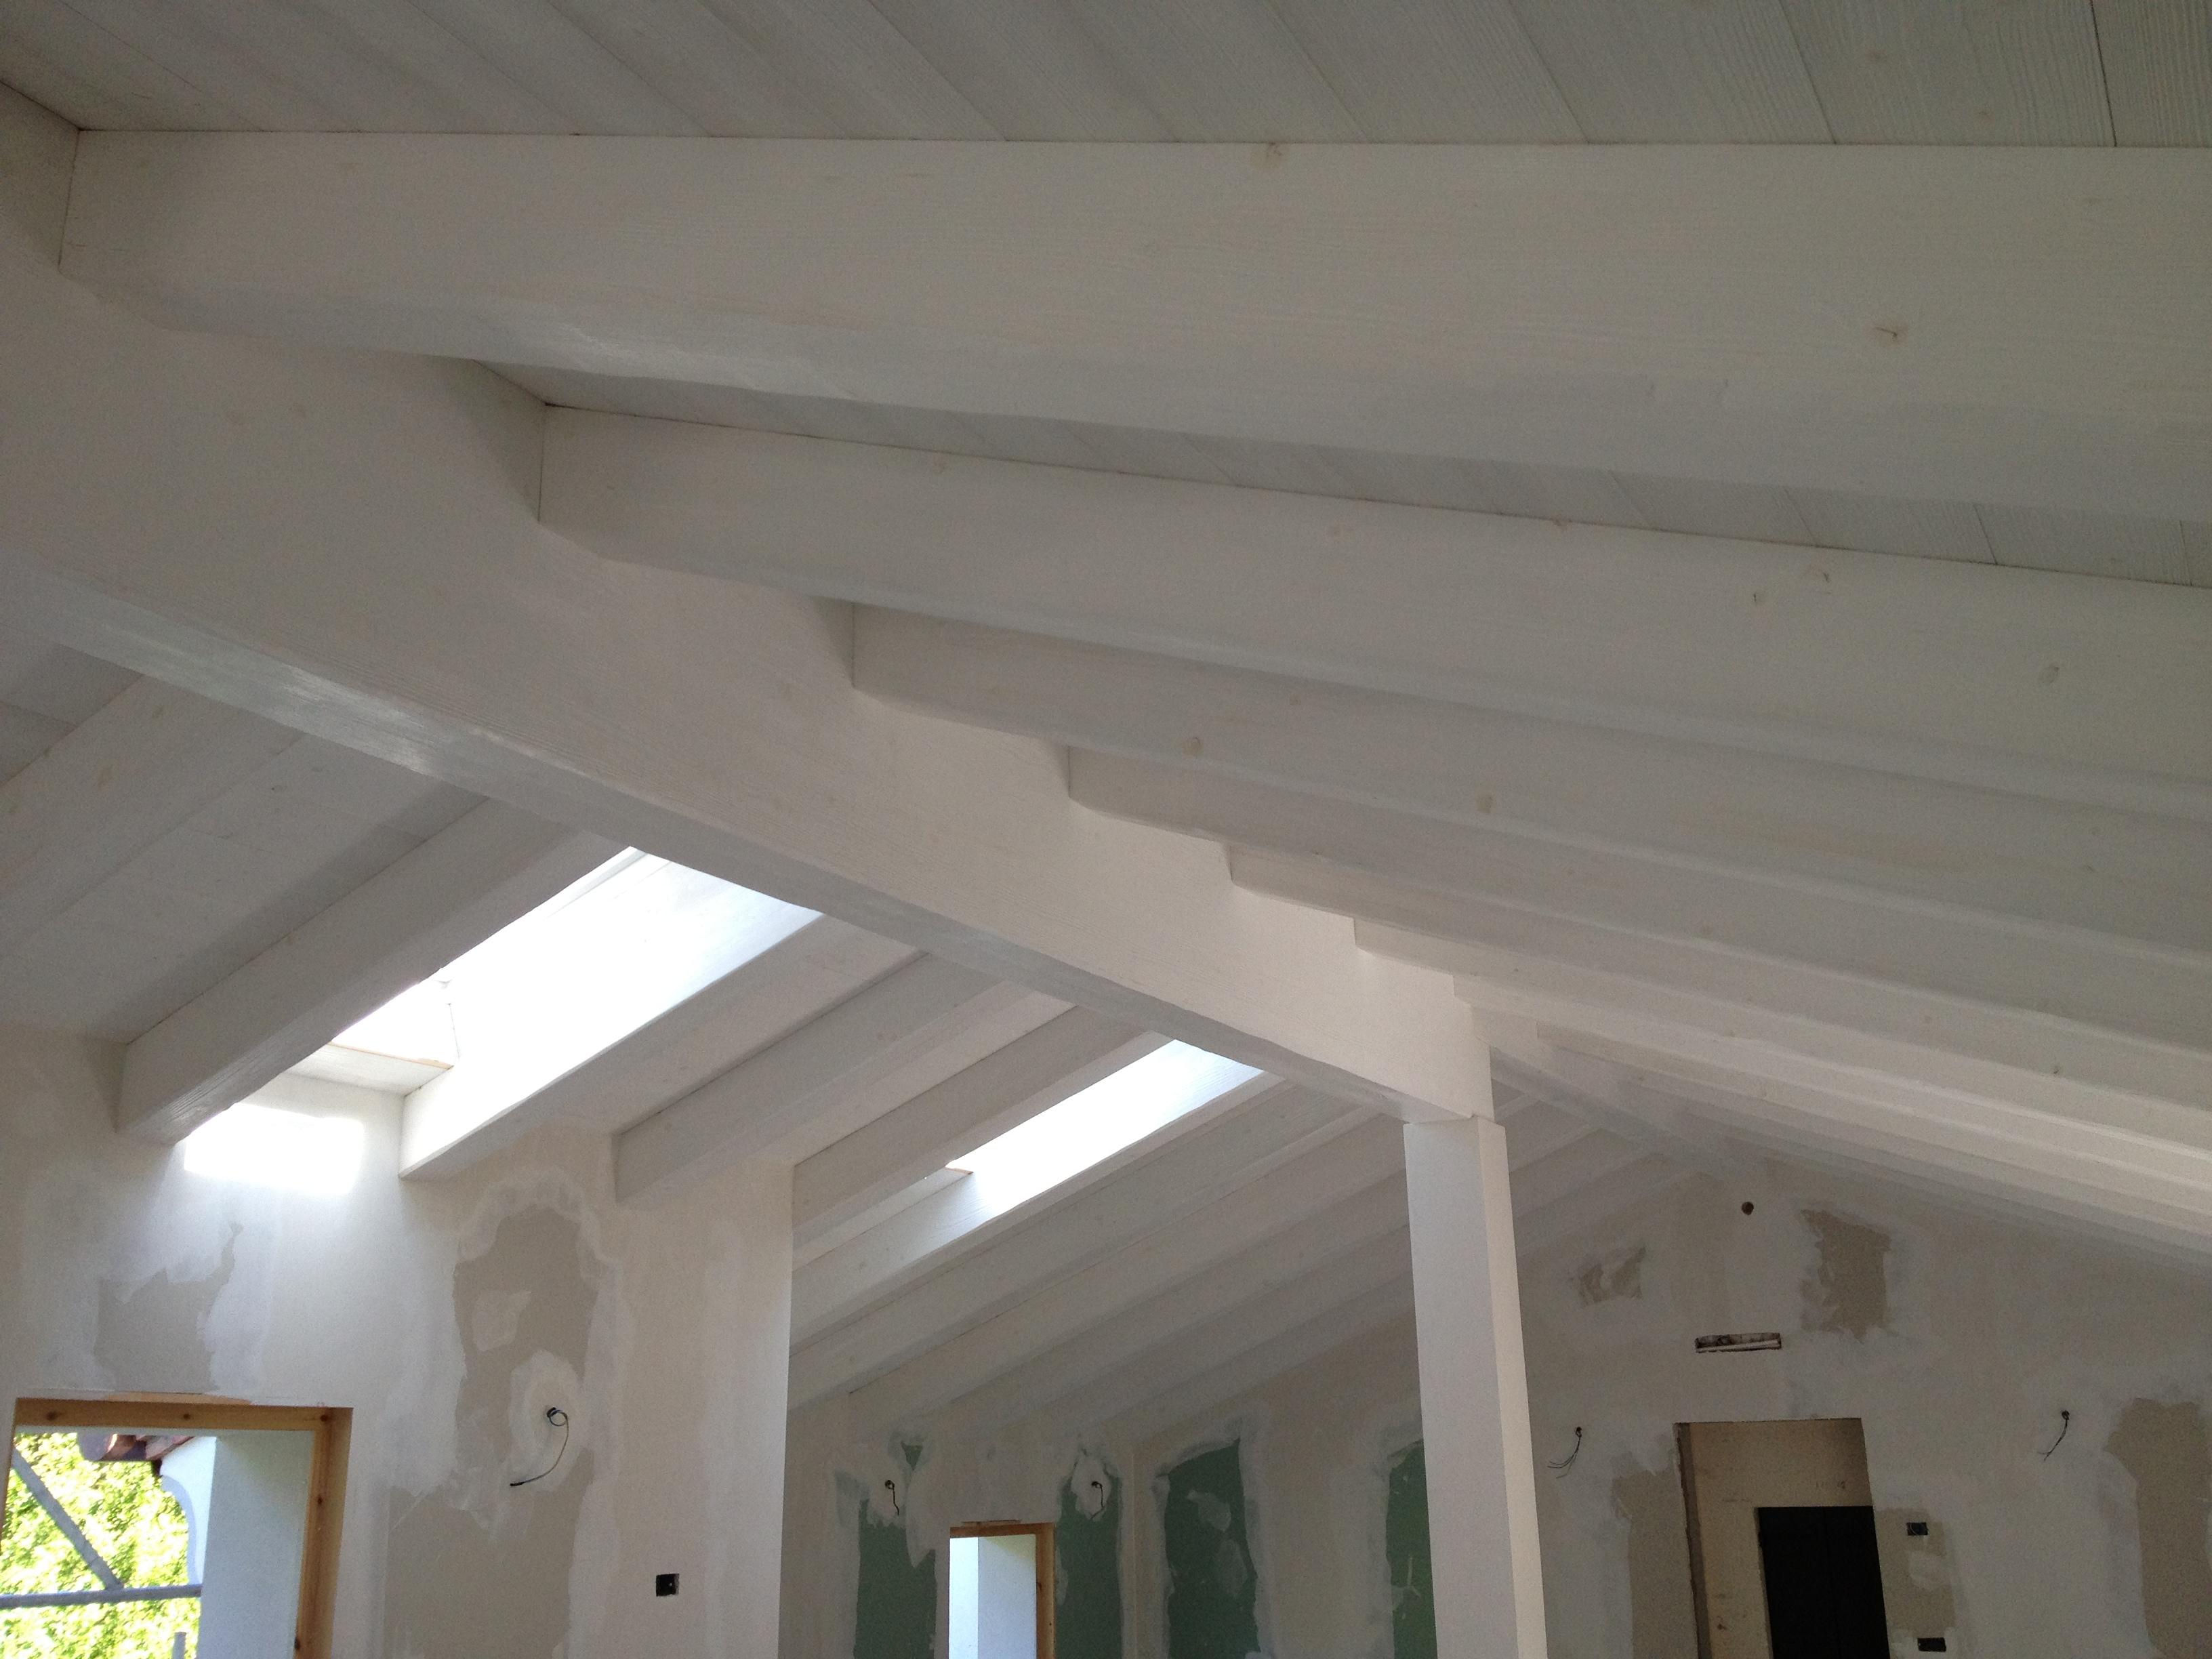 Vendita travi uso fiume veneta tetti - Vendita tavole di legno ...